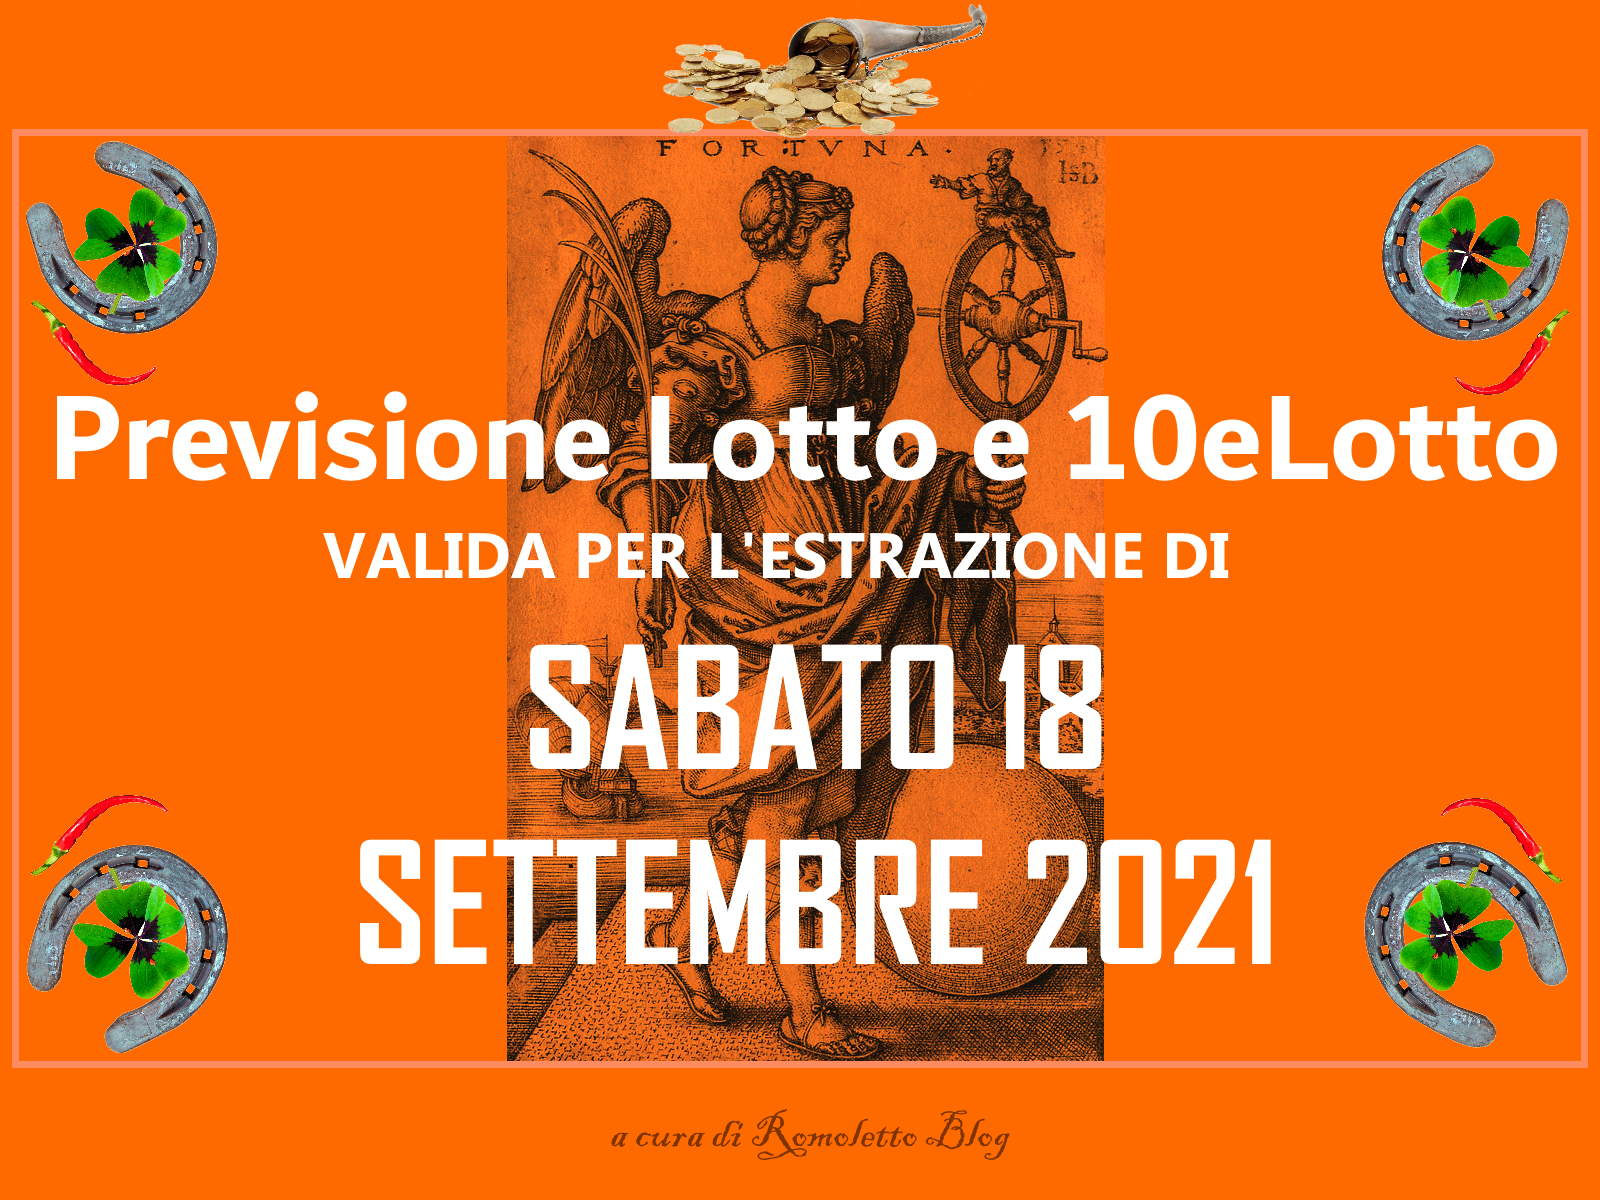 Previsione Lotto 18 Settembre 2021